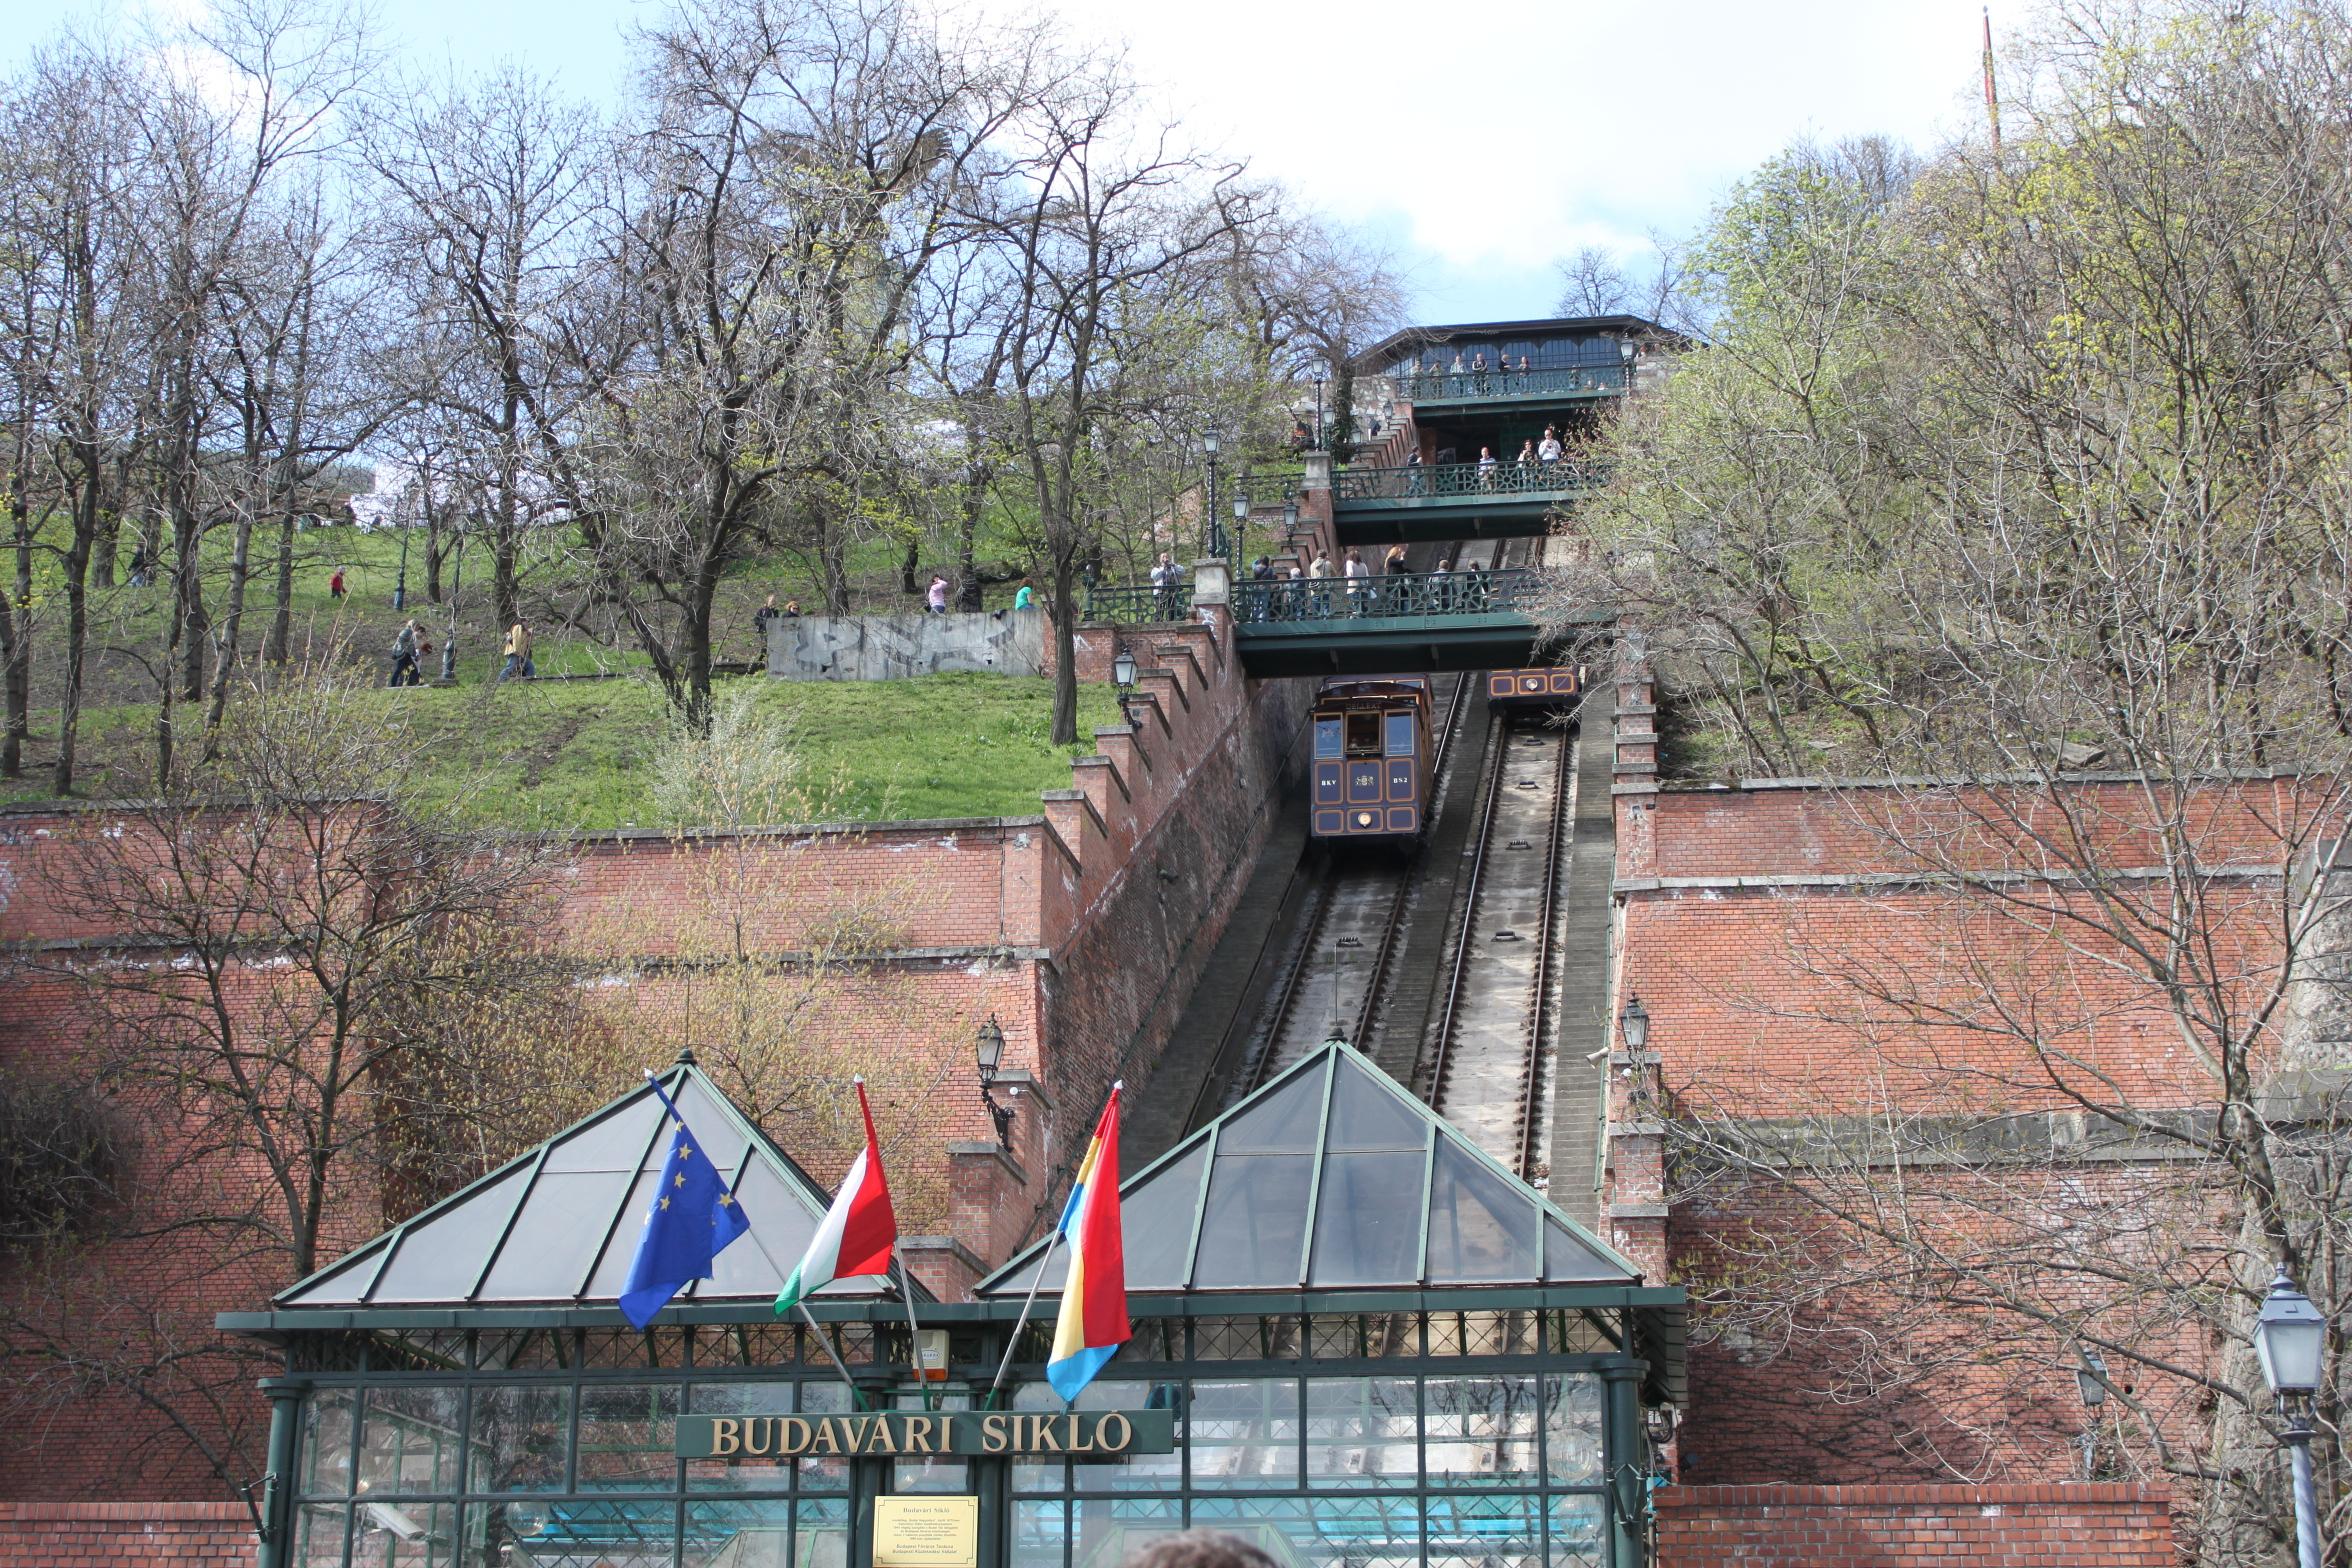 Nagyjavítási munkálatok kezdődtek a Budavári Siklón